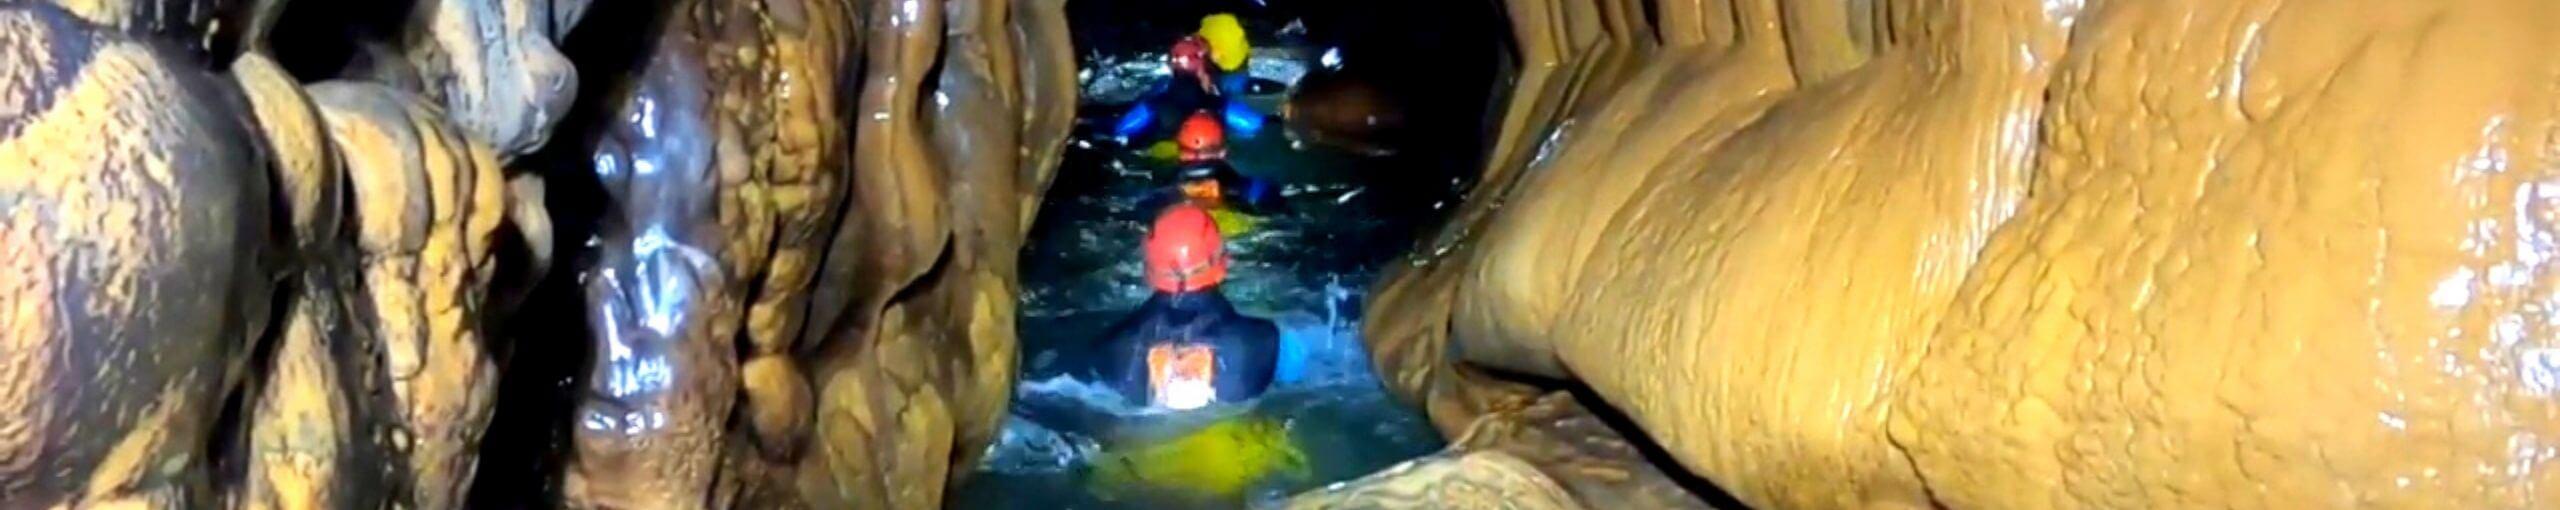 Espeleobarranquismo Cueva de Valporquero. Vegacervera en León, Castilla y León.